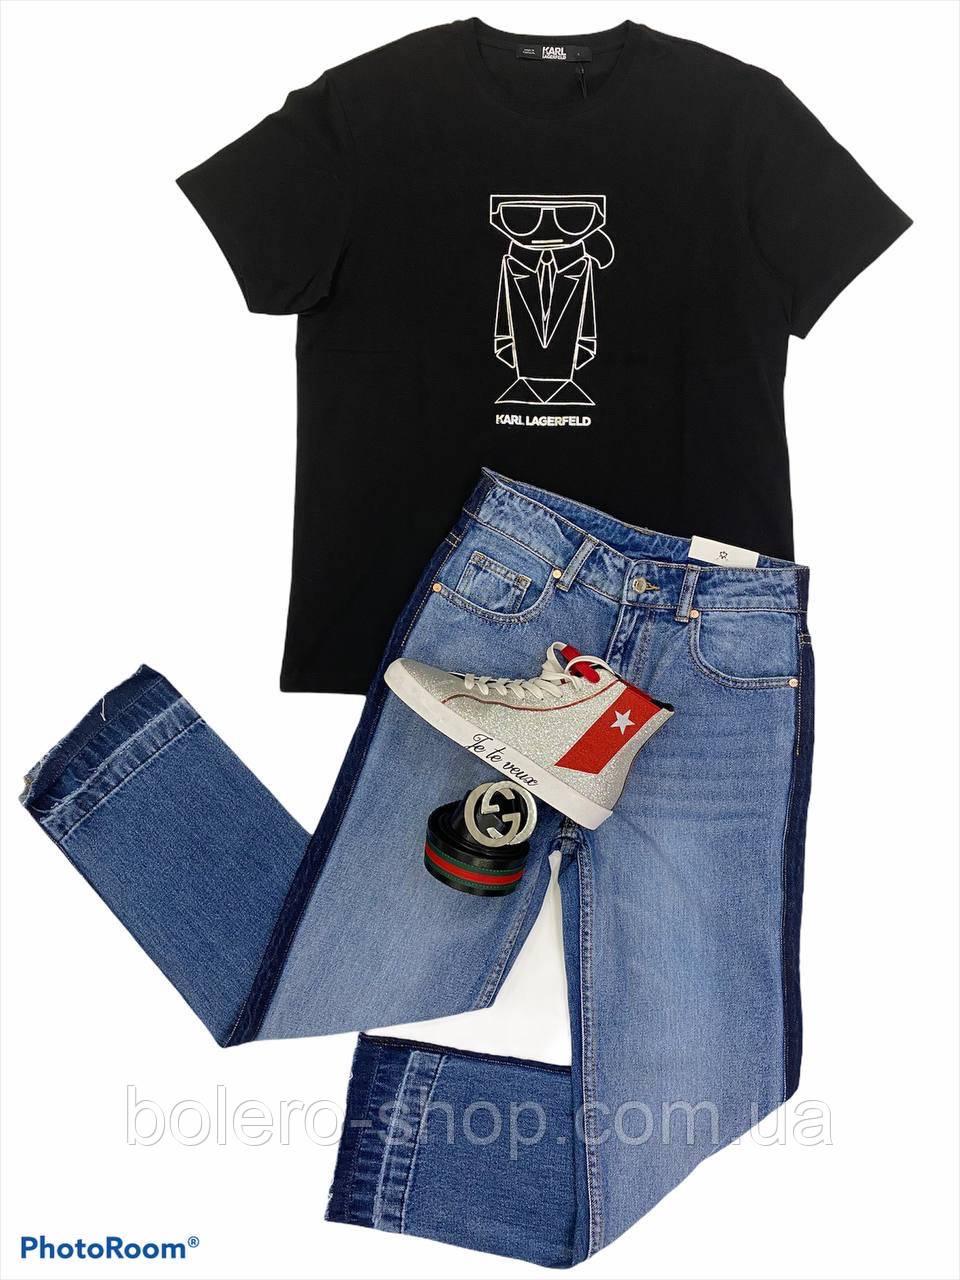 Женская бредовая футболка Karl Lagerfeld, черная, принт серебро, оригинал